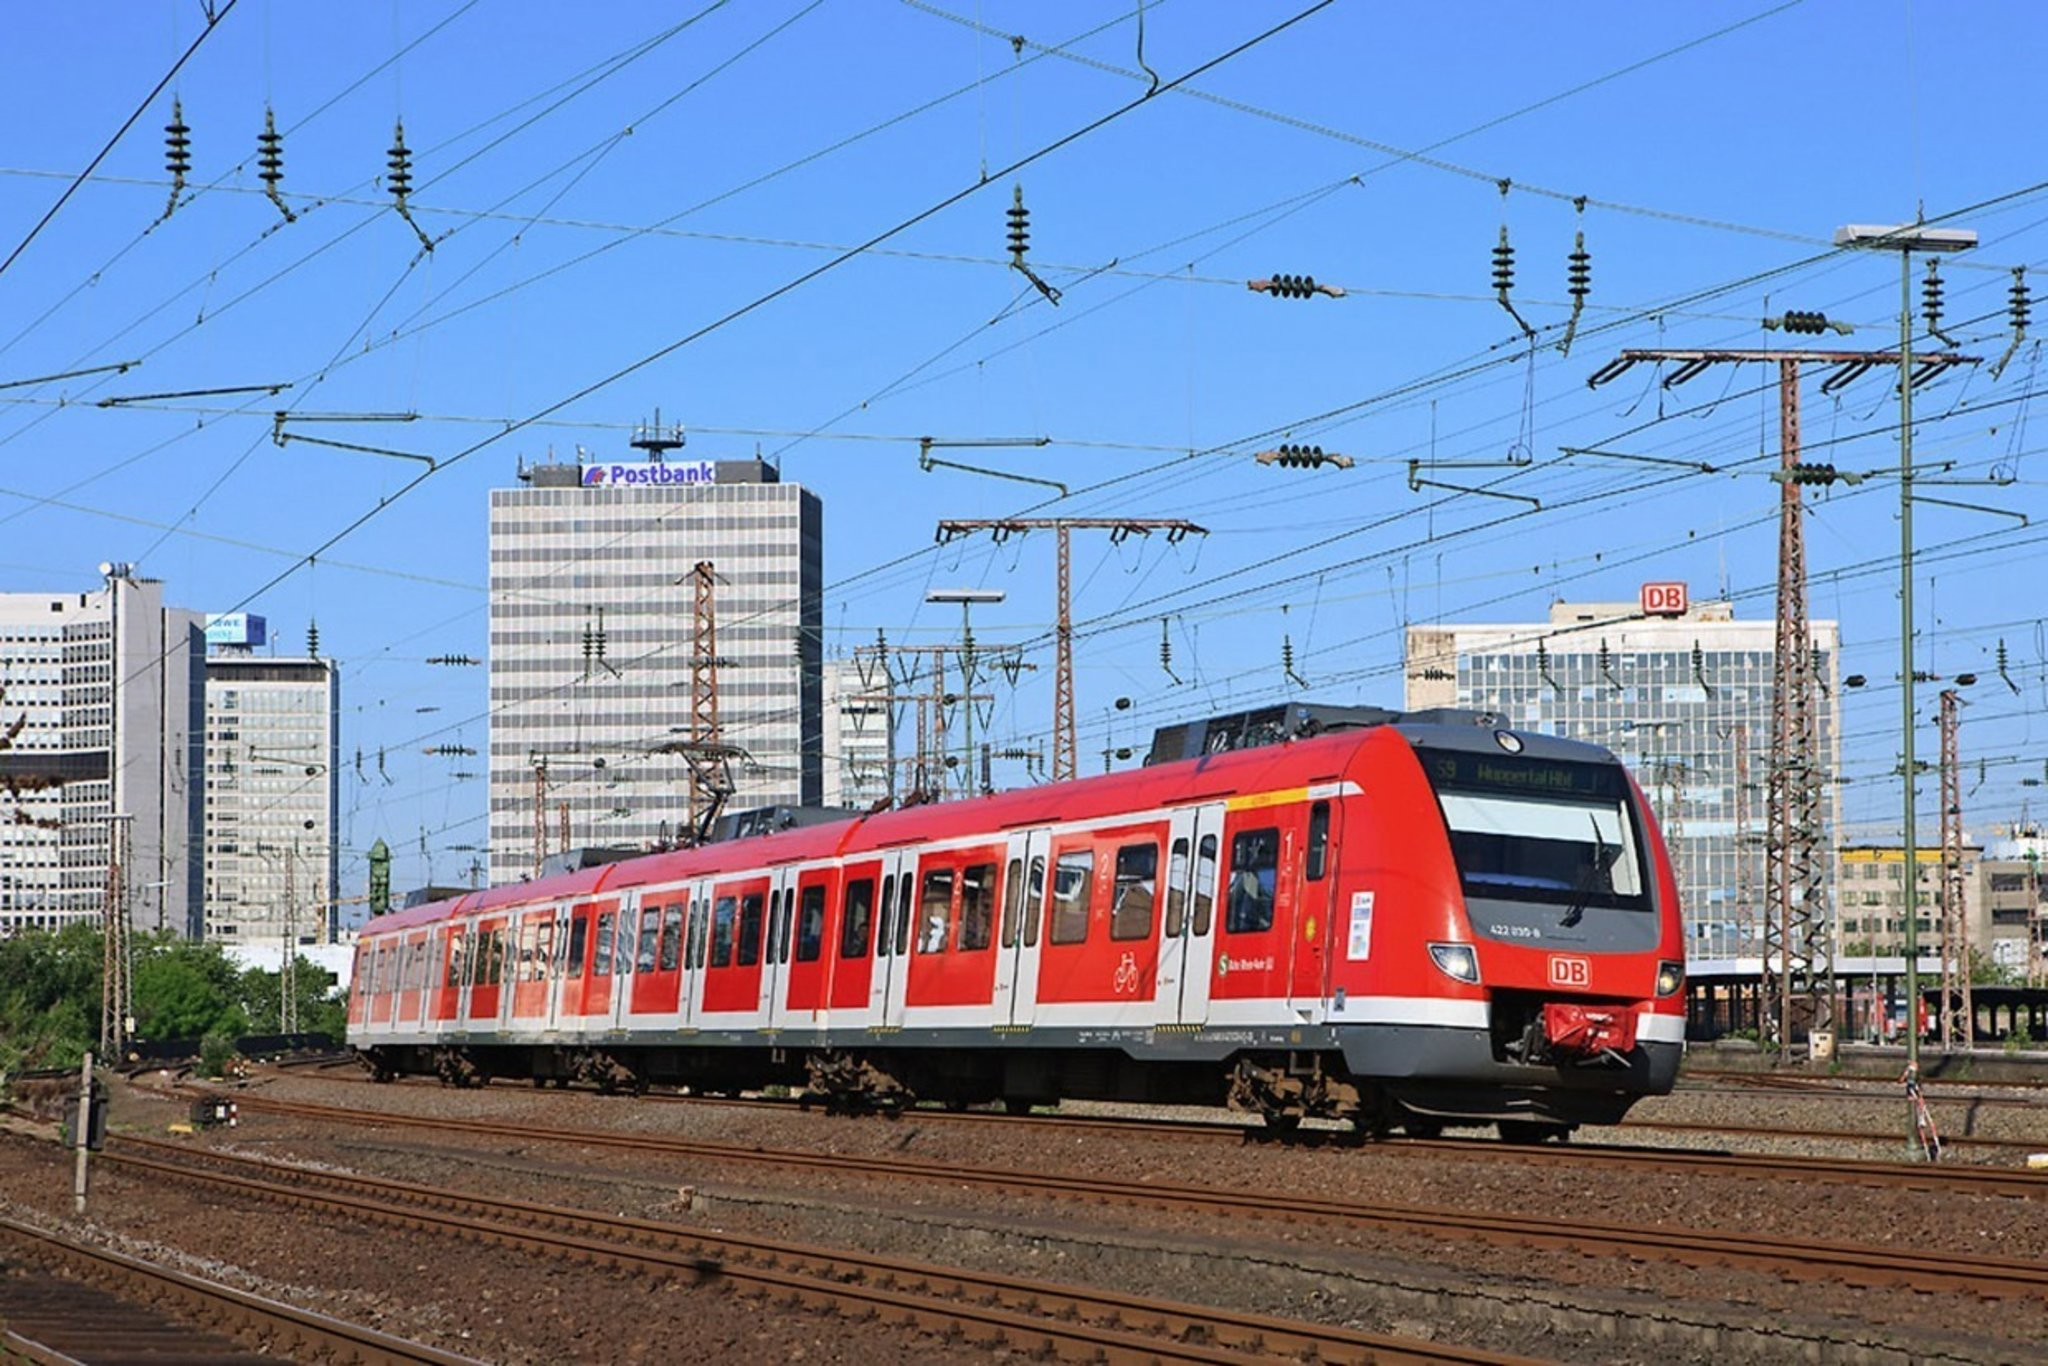 Bahnstreik Nächste Woche